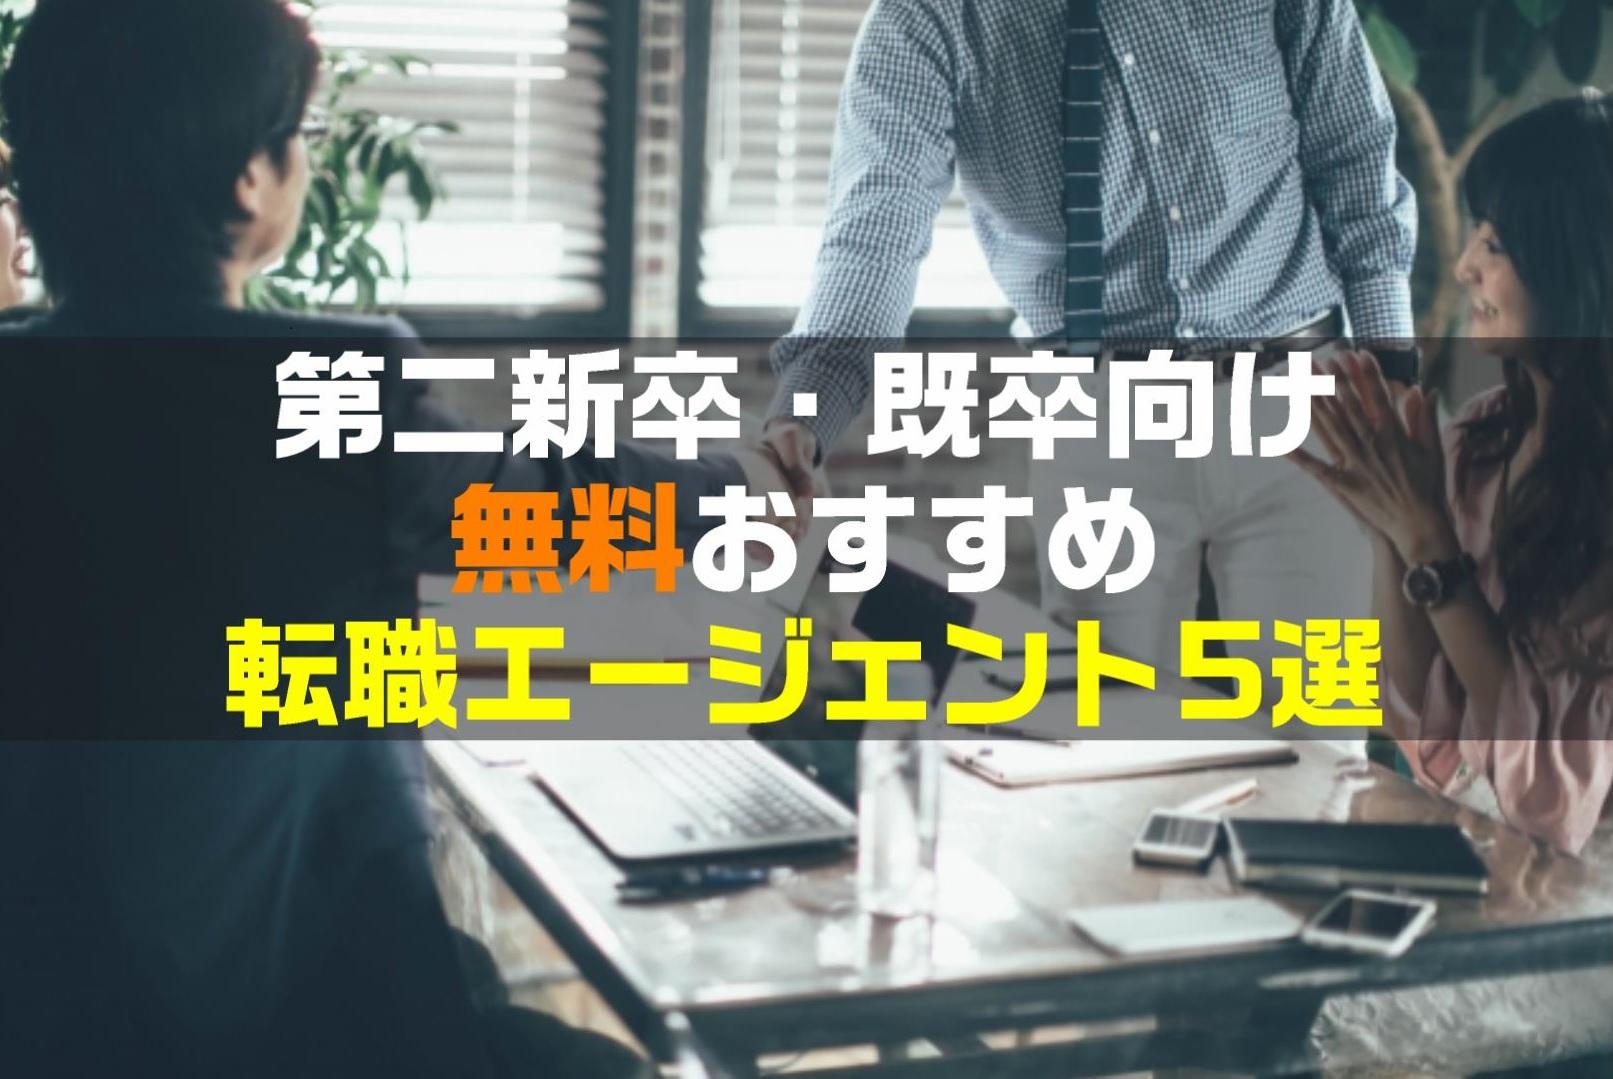 【既卒・第二新卒】無料おすすめ転職エージェント5選【評判有】